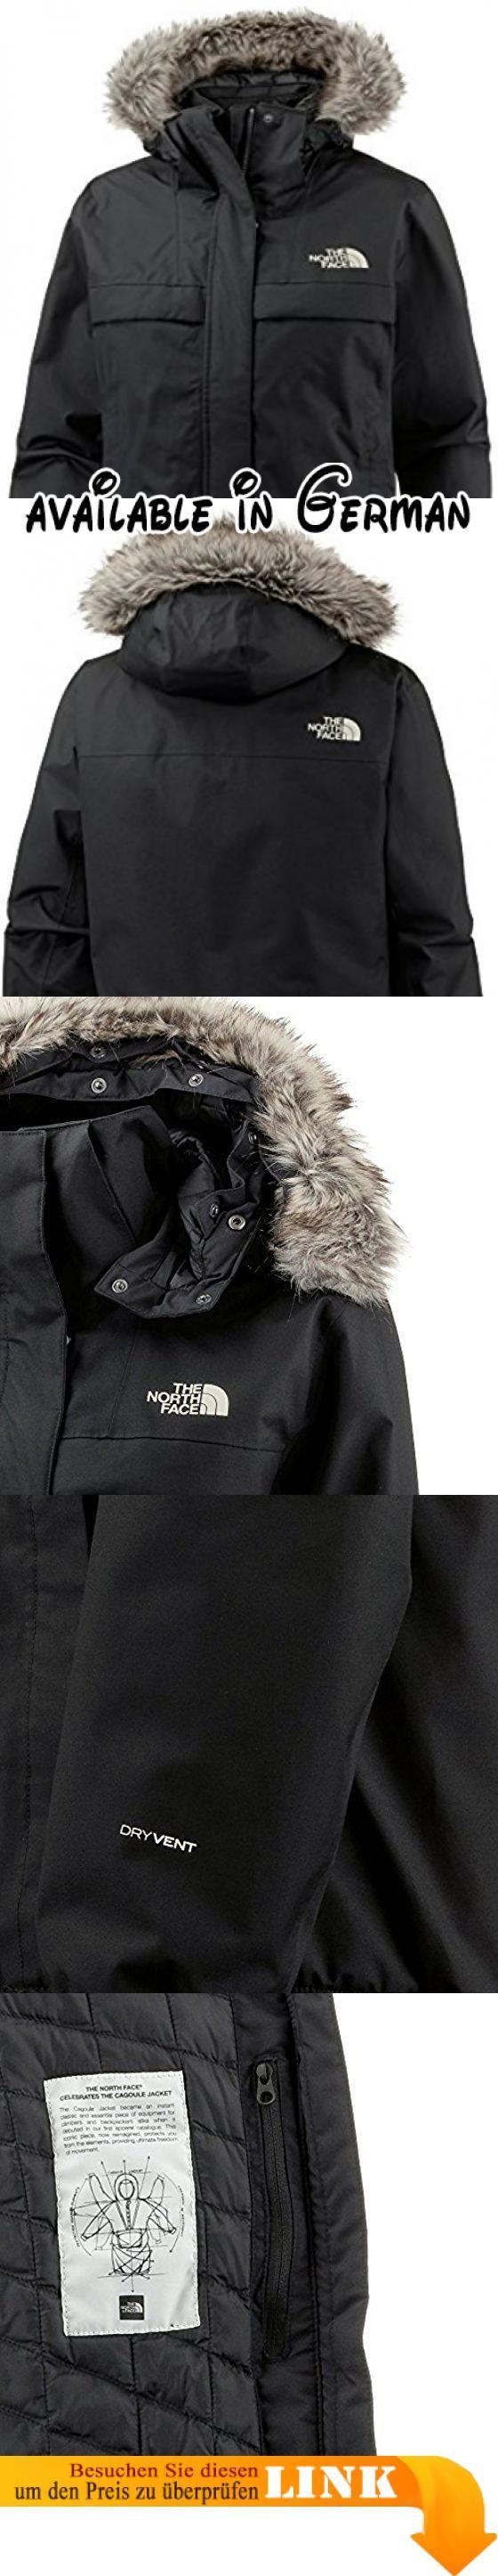 The North Face Cagoule Thermoball Bomber Kapuzenjacke Damen schwarz, S. Wasserdichte Imprägnierung. Wärmeisolierung durch synthetische Daune. Abnehmbare Kapuze mit Kunstpelzbesatz. Reißverschlusstaschen für Stauraum. Vielseitige Kombinationsmöglichkeiten #Sports #SPORTING_GOODS